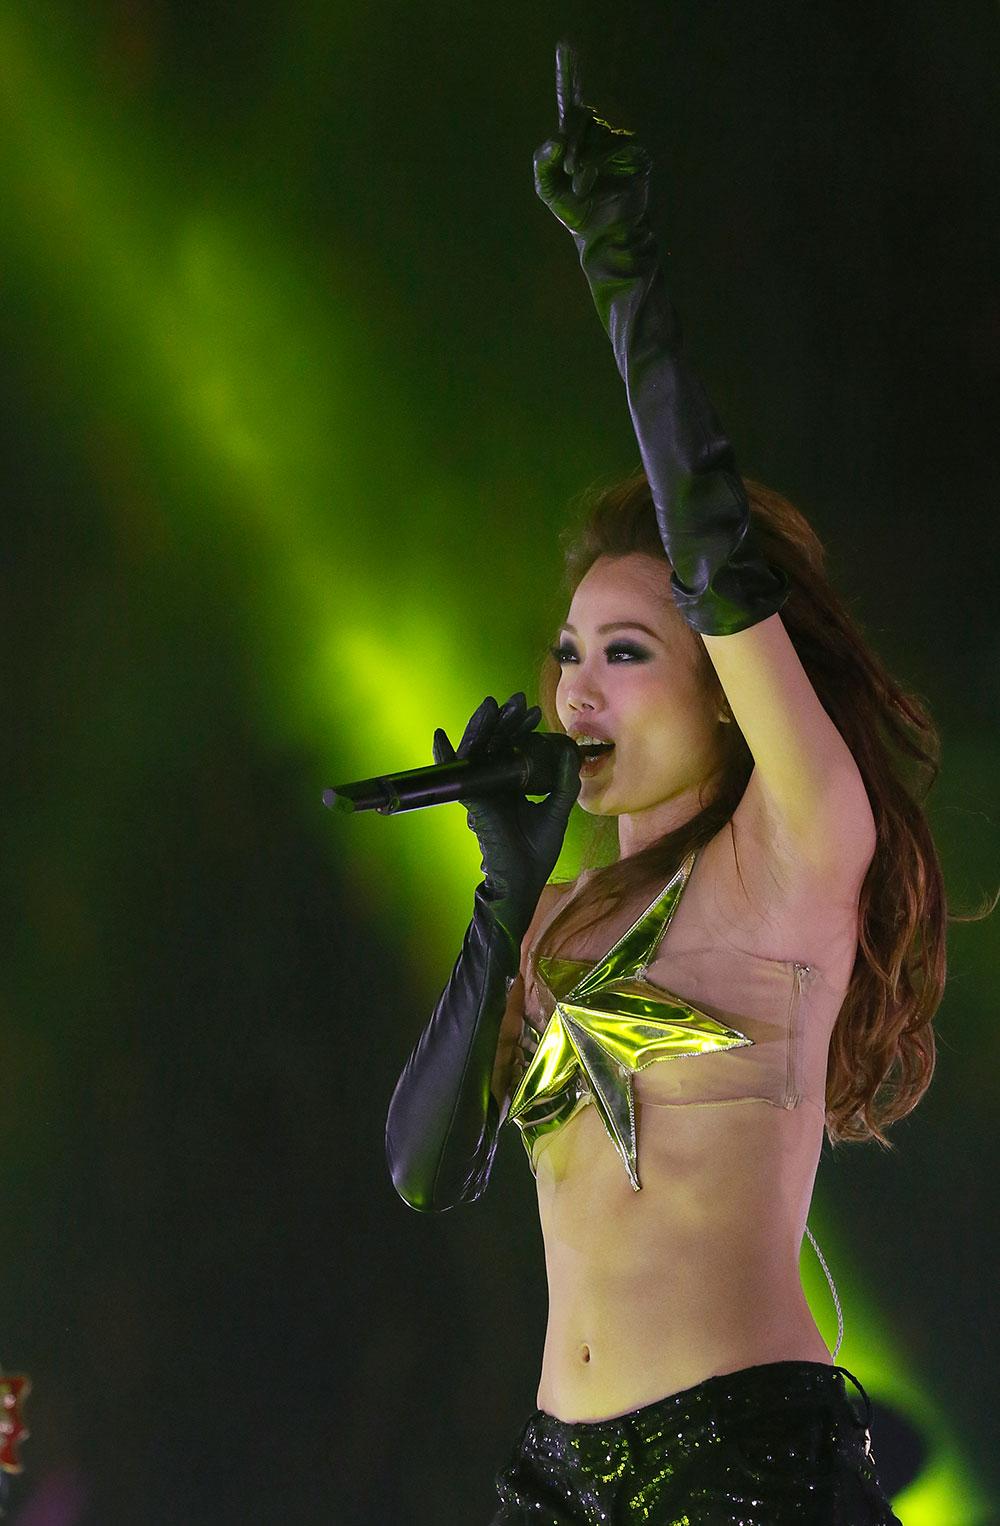 हाँगकॉगमधील एका कार्यक्रमात गायिका जो यंग....